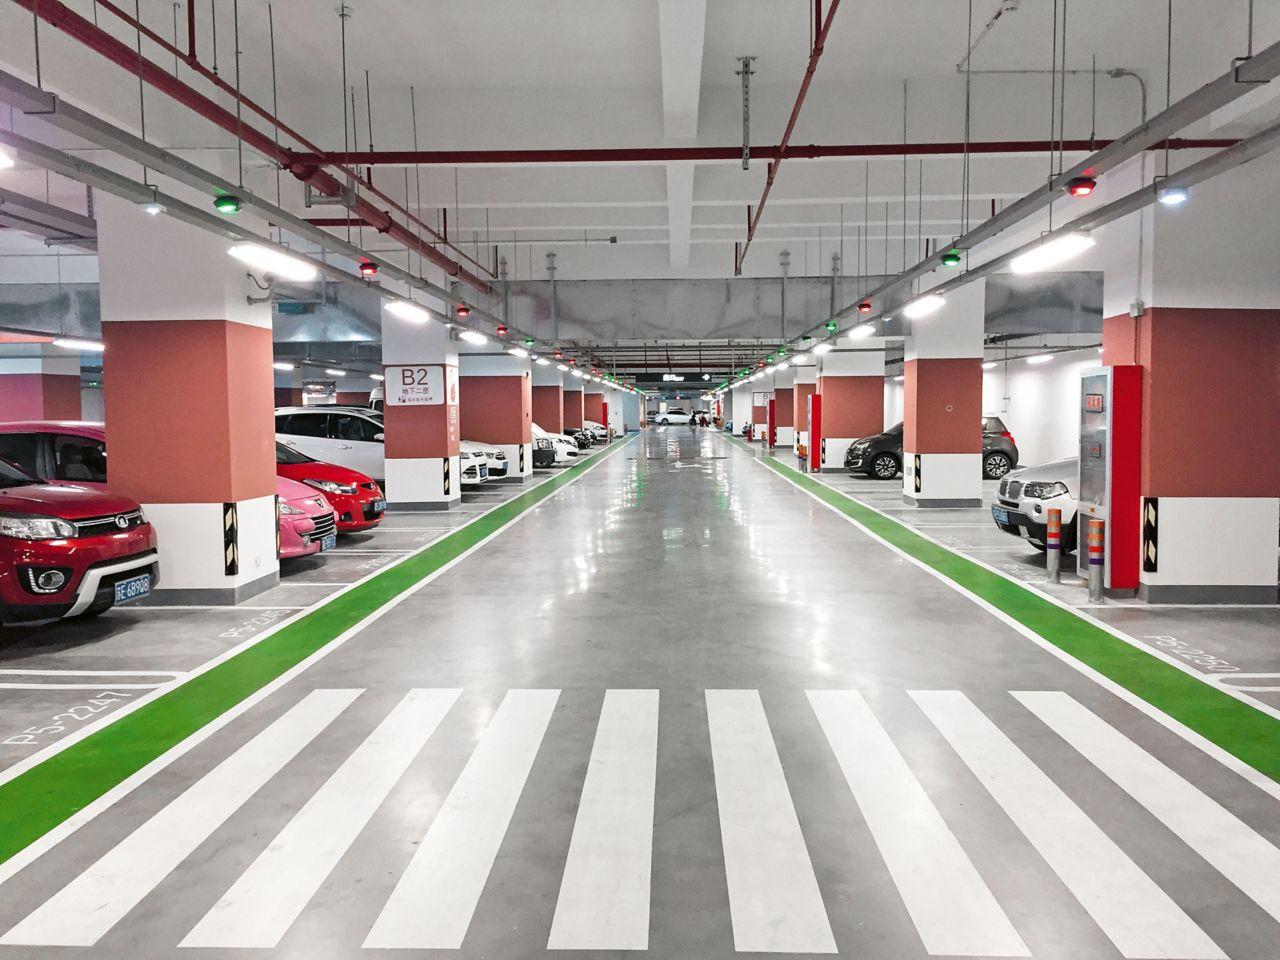 Parking garage in China